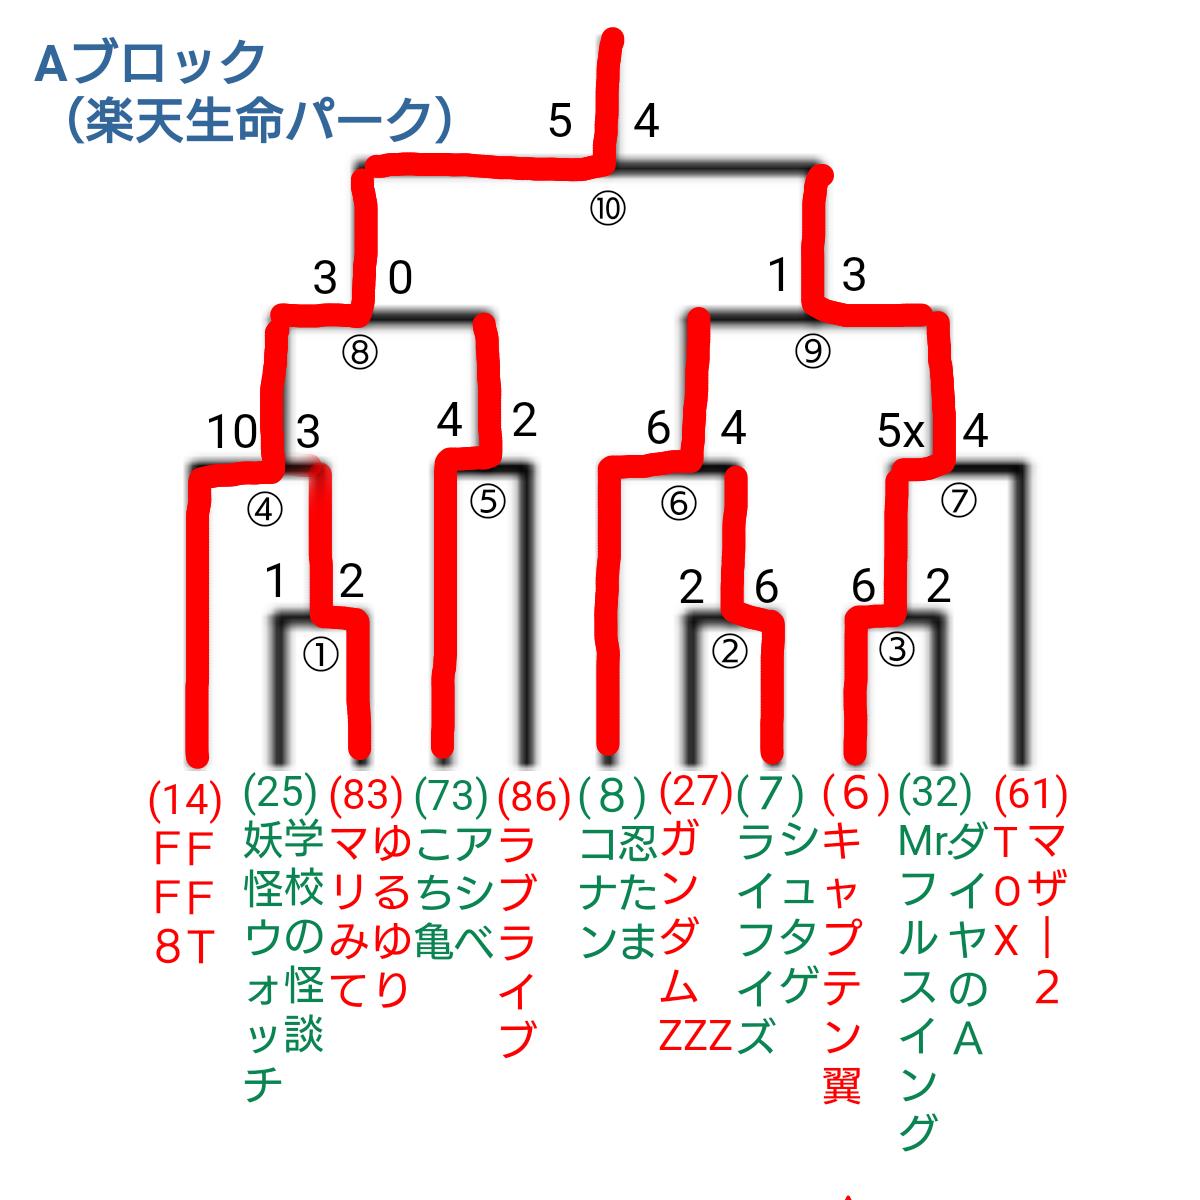 f:id:kinokomagic:20210131202350p:plain